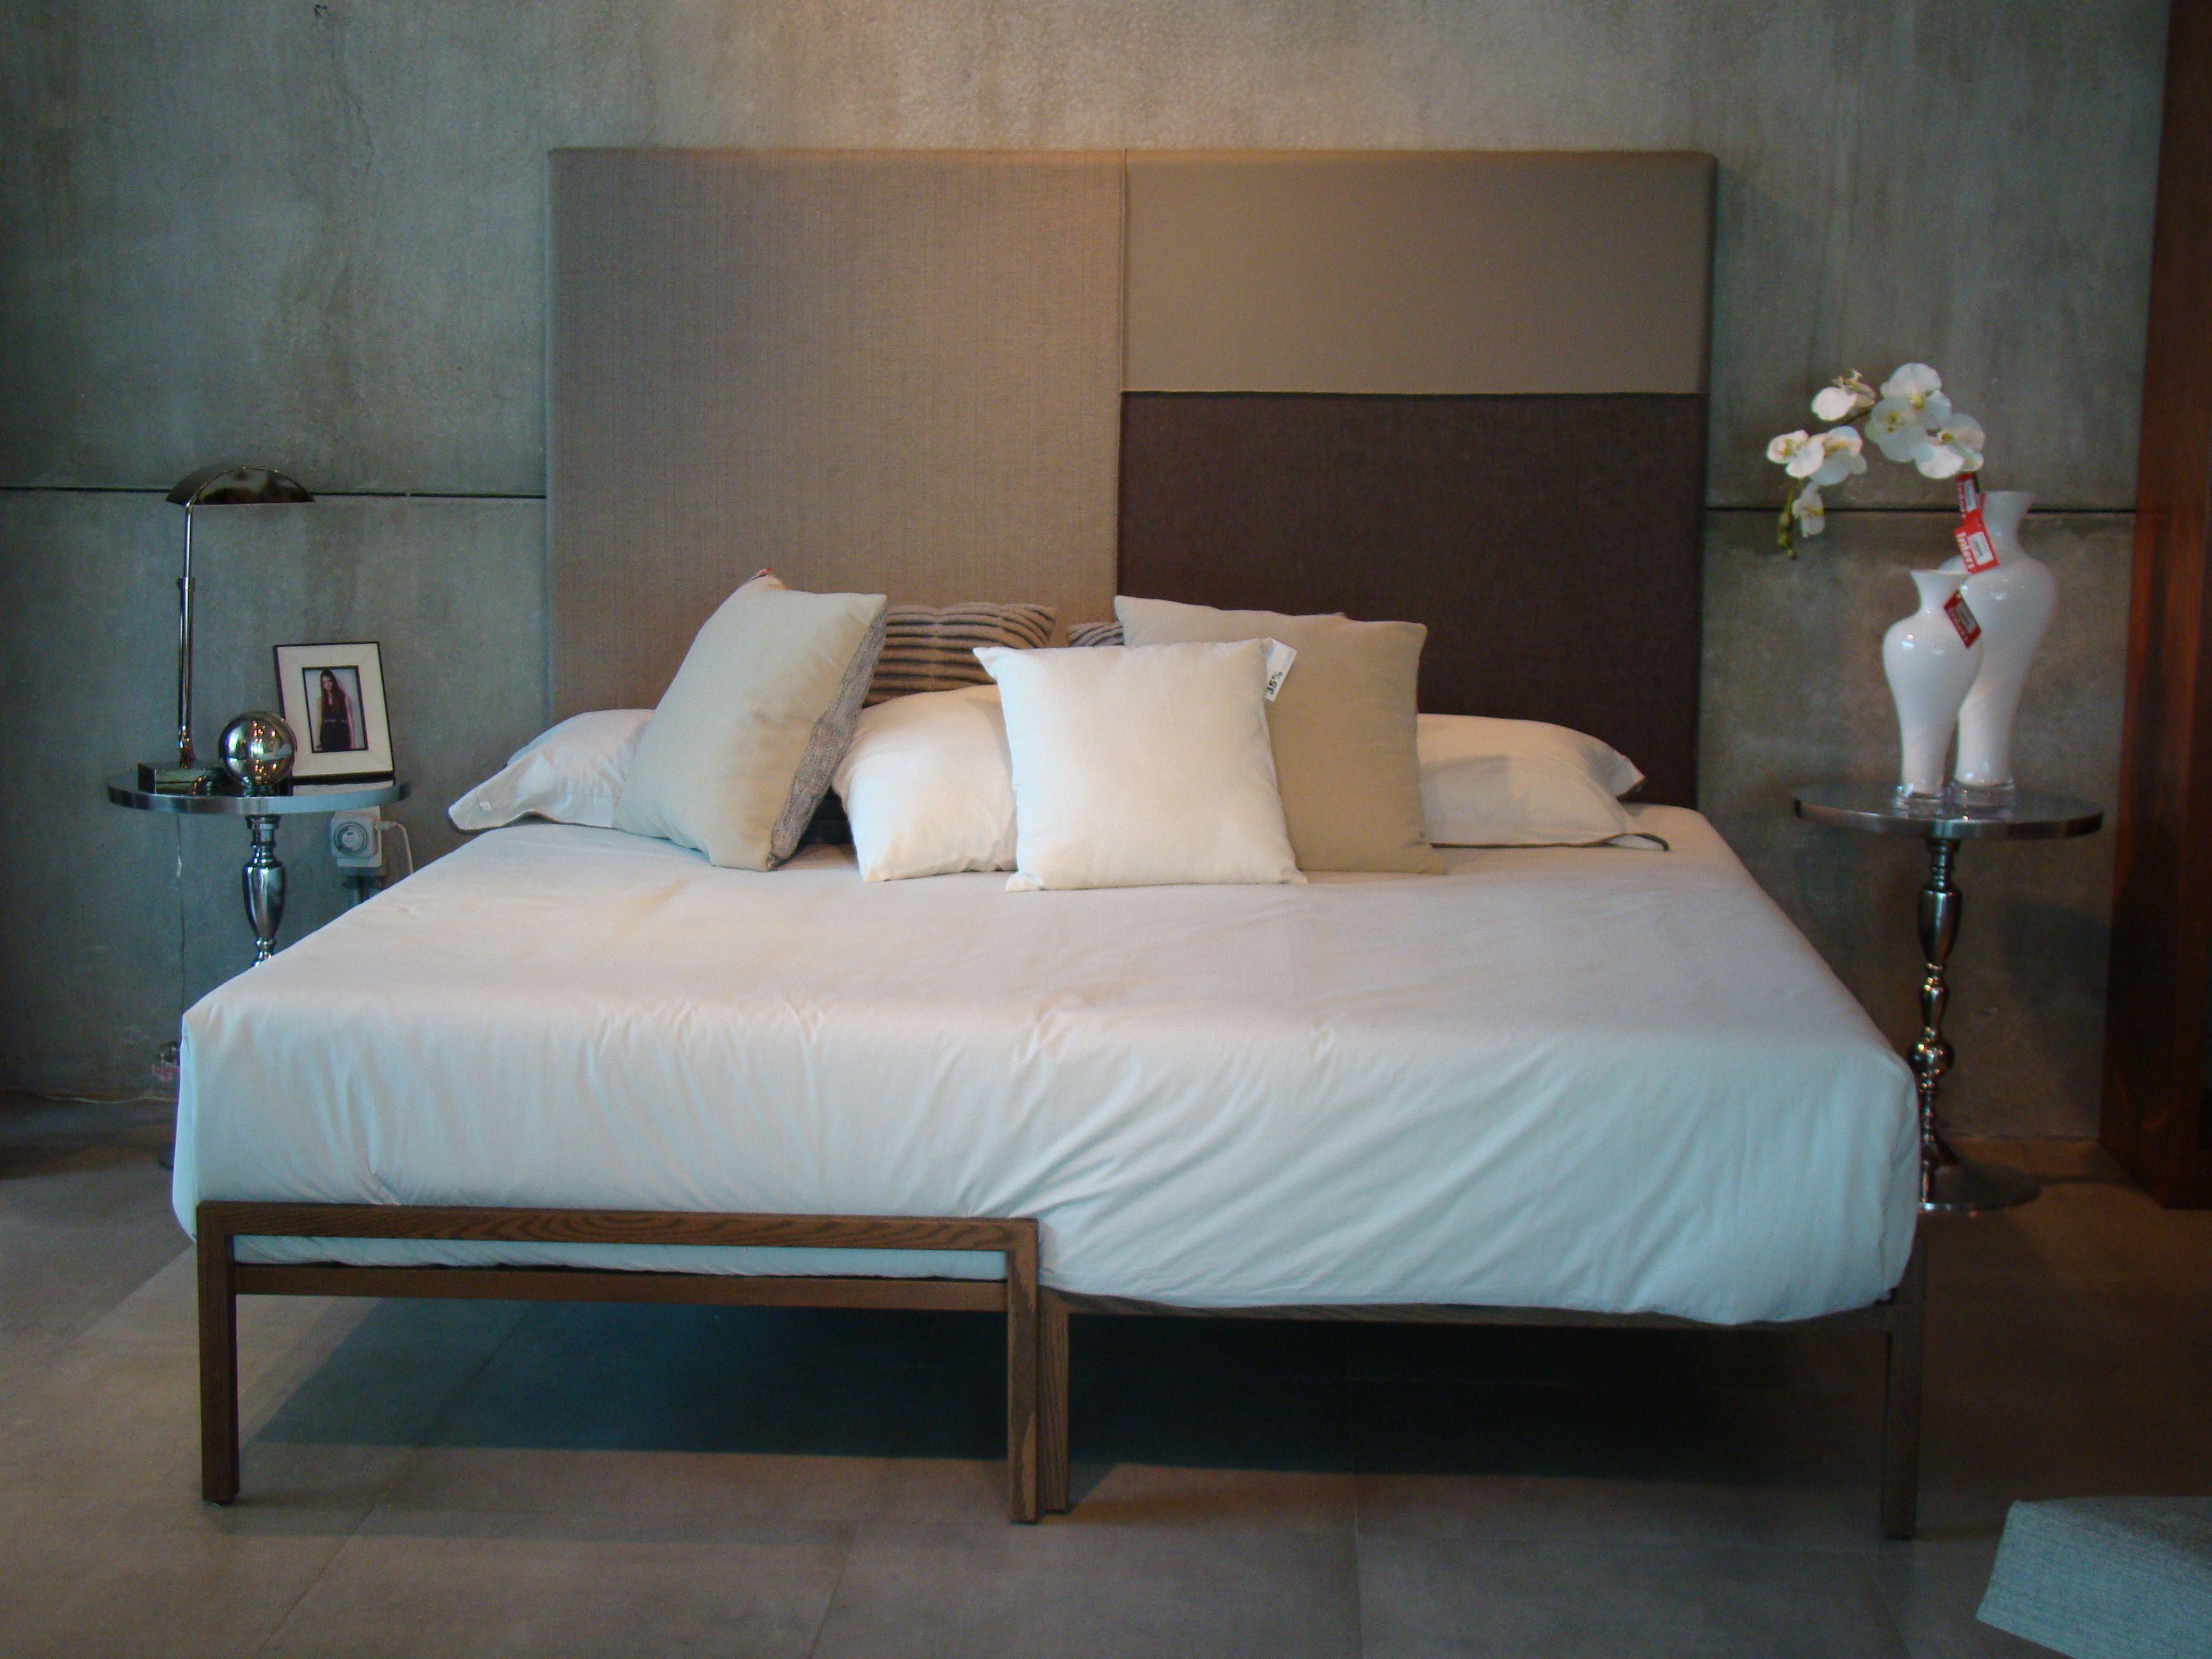 Cama w2 cabecera tapizada en tela y piel base de madera - Cabeceras para cama ...